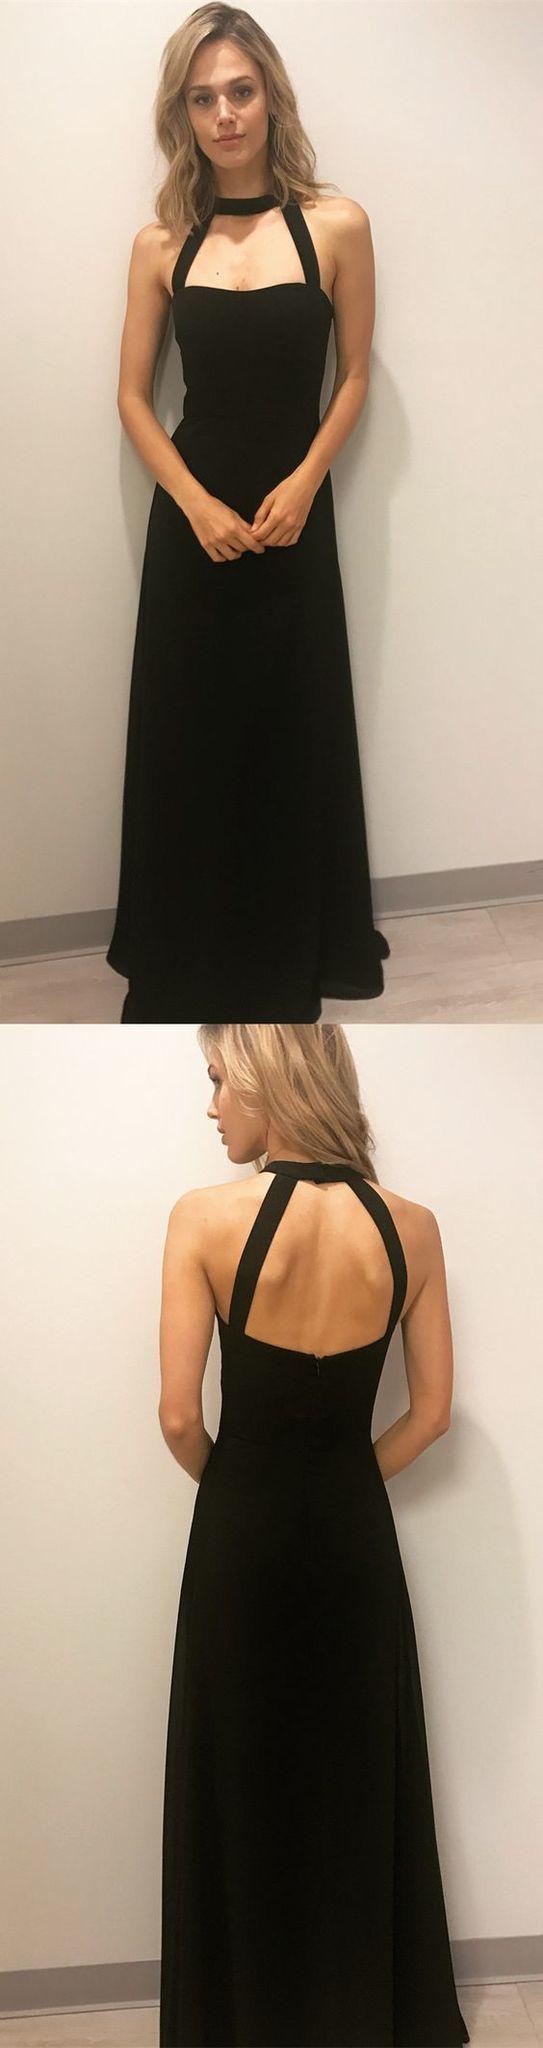 Long black prom dresses, party dresses, formal evening dressse,FLY589